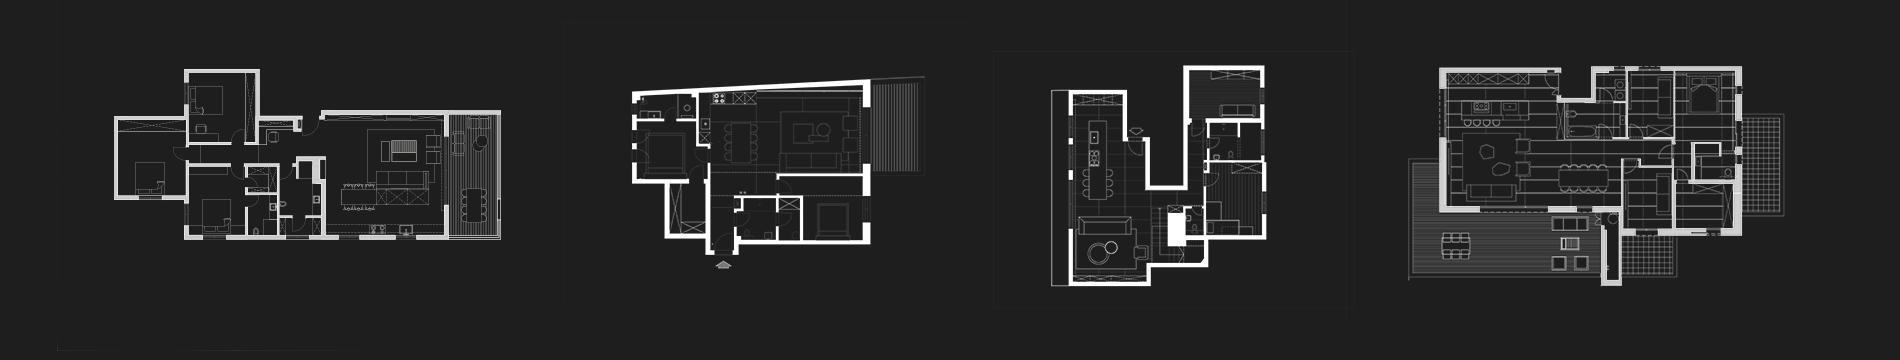 תרשימי אדריכלות